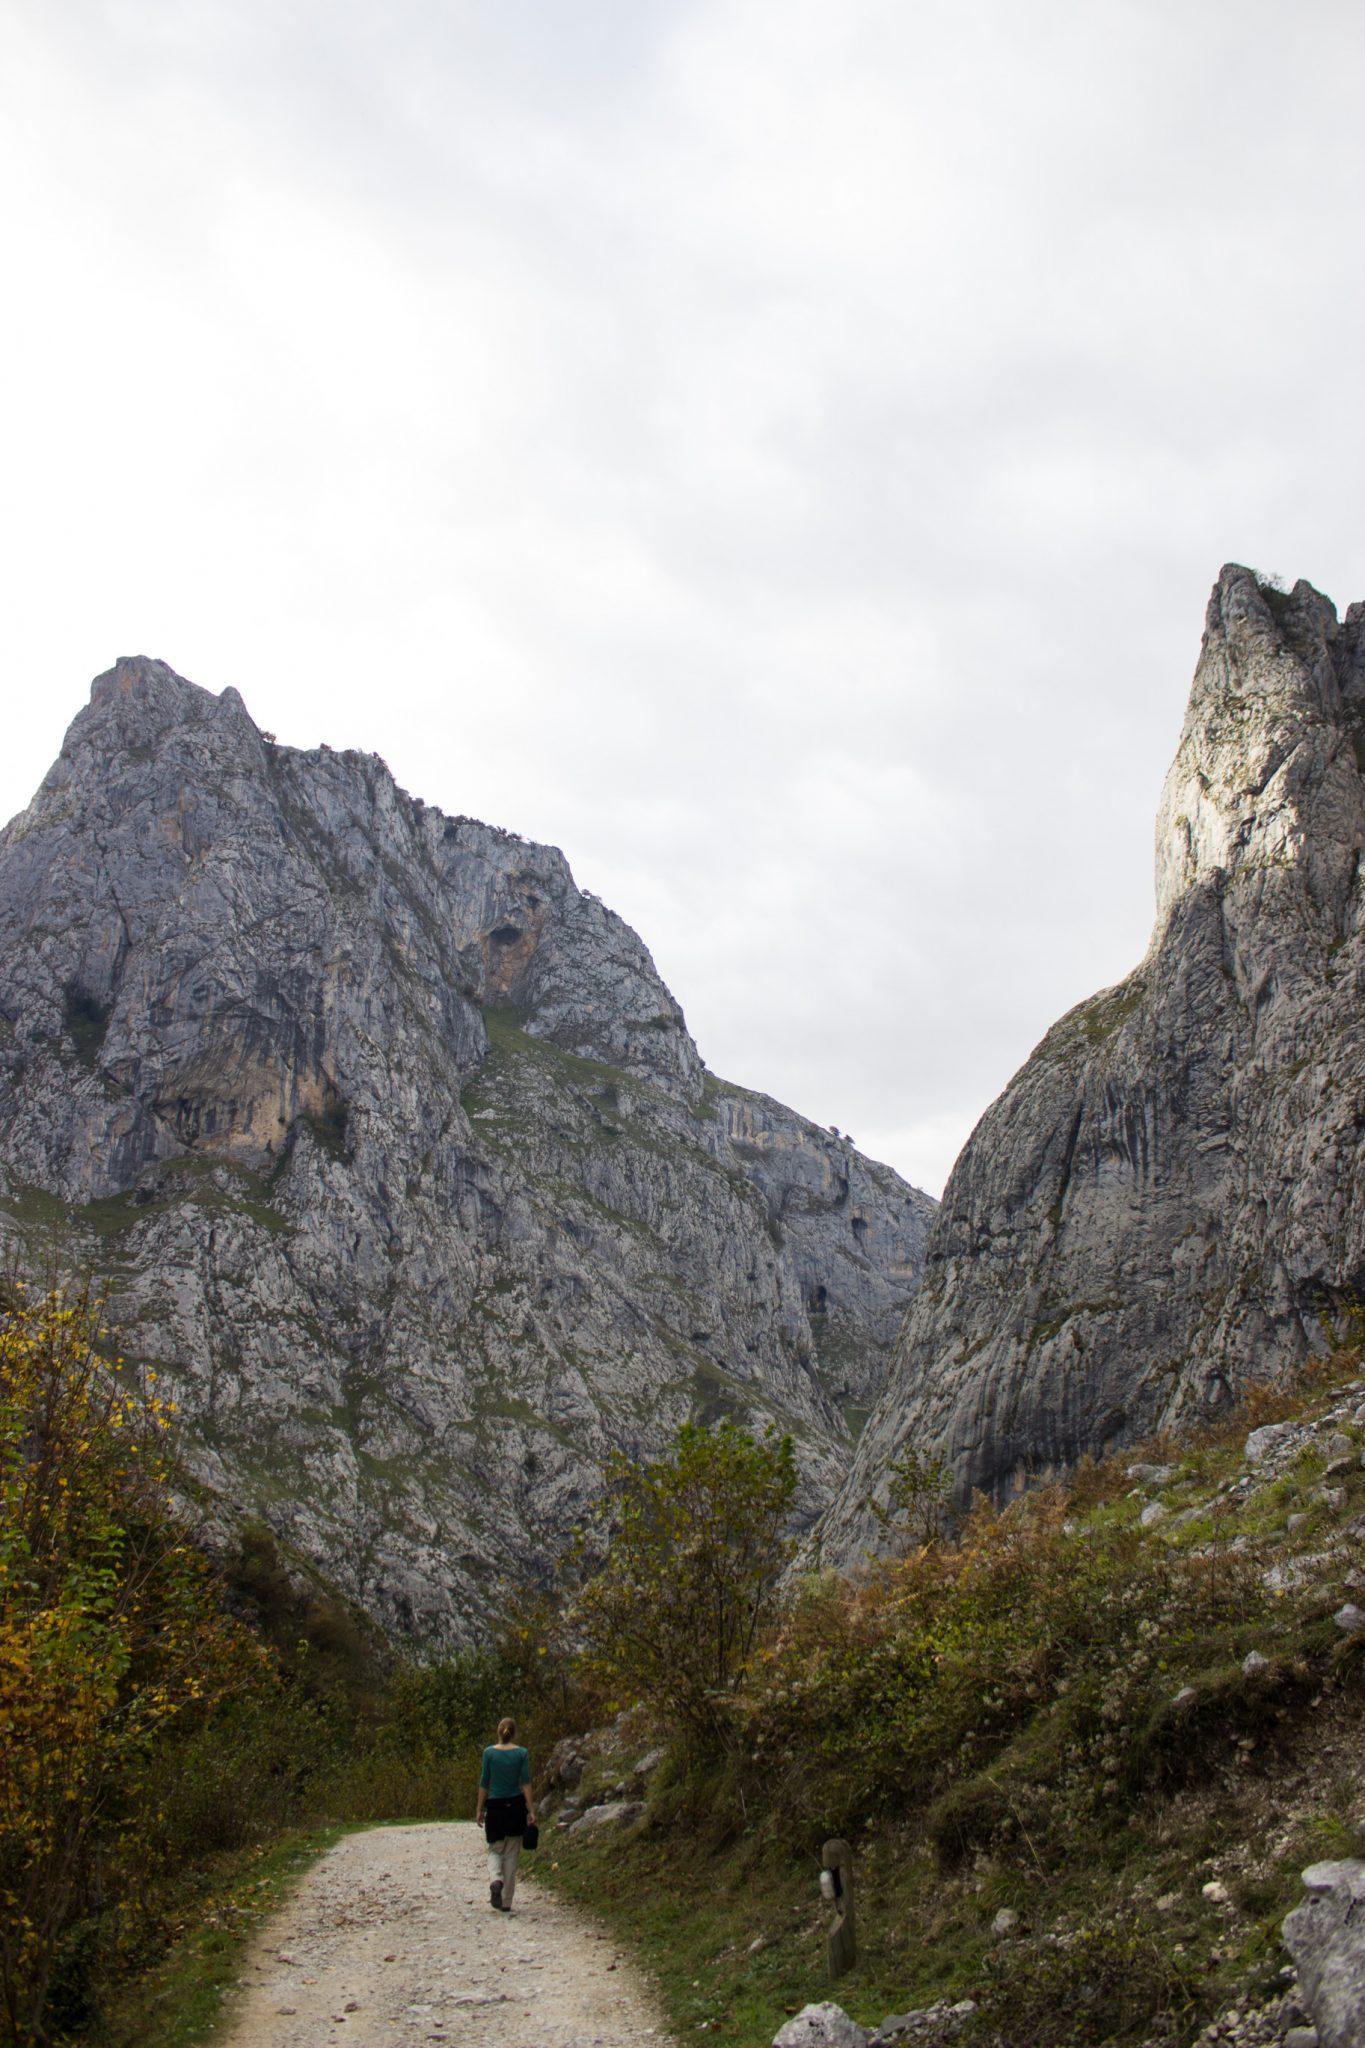 Wanderung Poncebos nach Bulnes in den Picos de Europa, Wanderpfad zwischen hohen Felswänden, saftig grüne Wiese, Steine und Geröll, tolles Wanderwetter